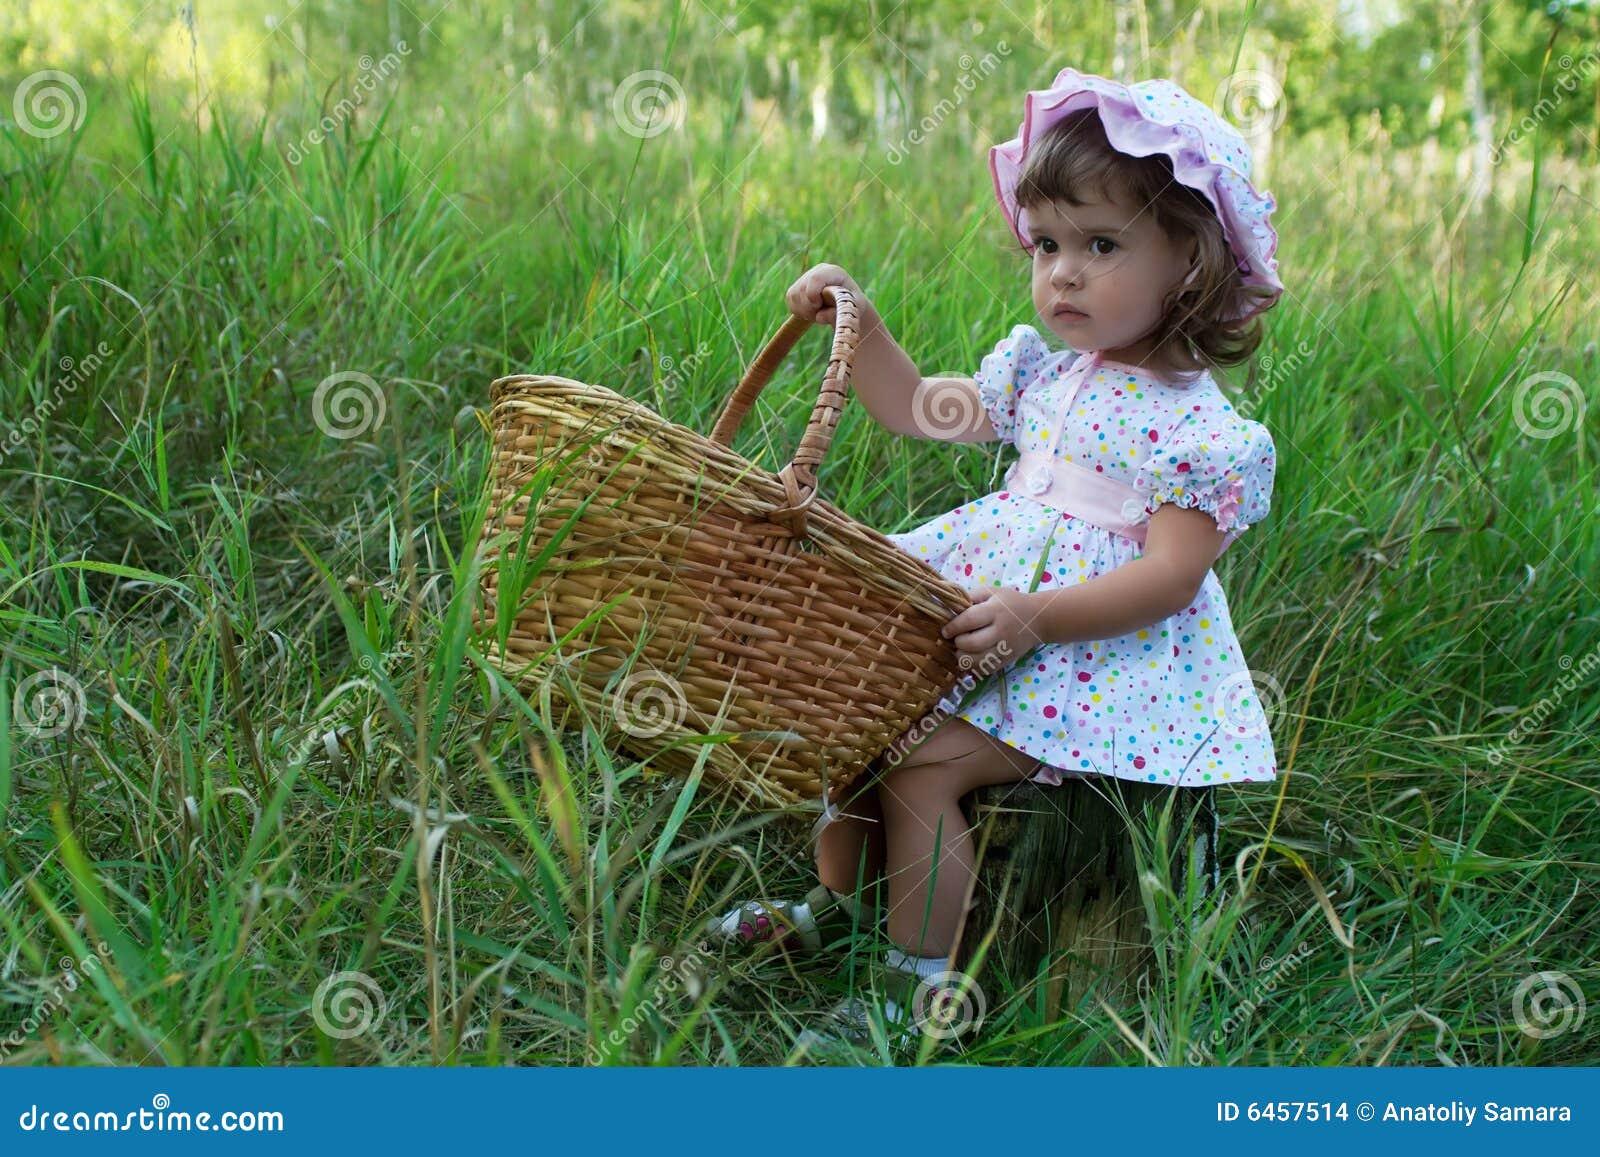 Kleines Mädchen, das auf einem Stummel sitzt und einen Korb anhält